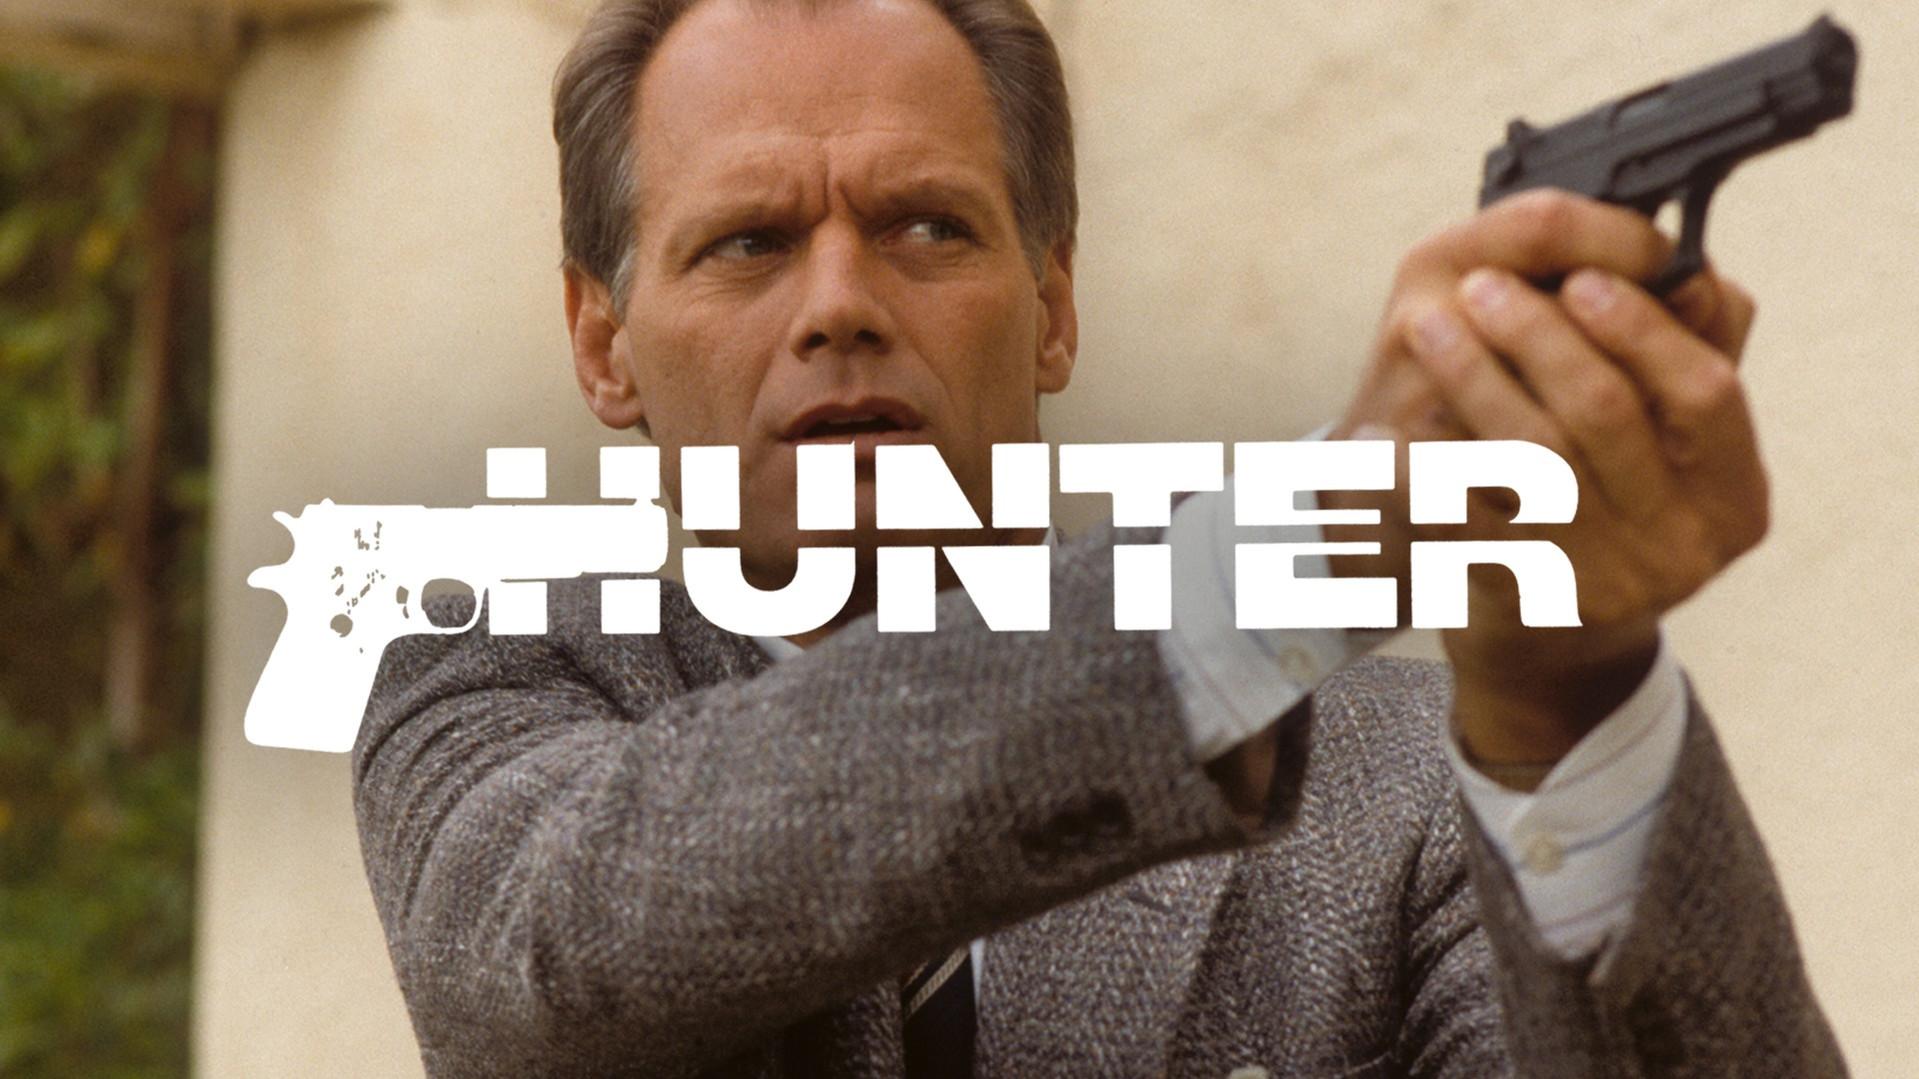 hunter featuredImage.jpg